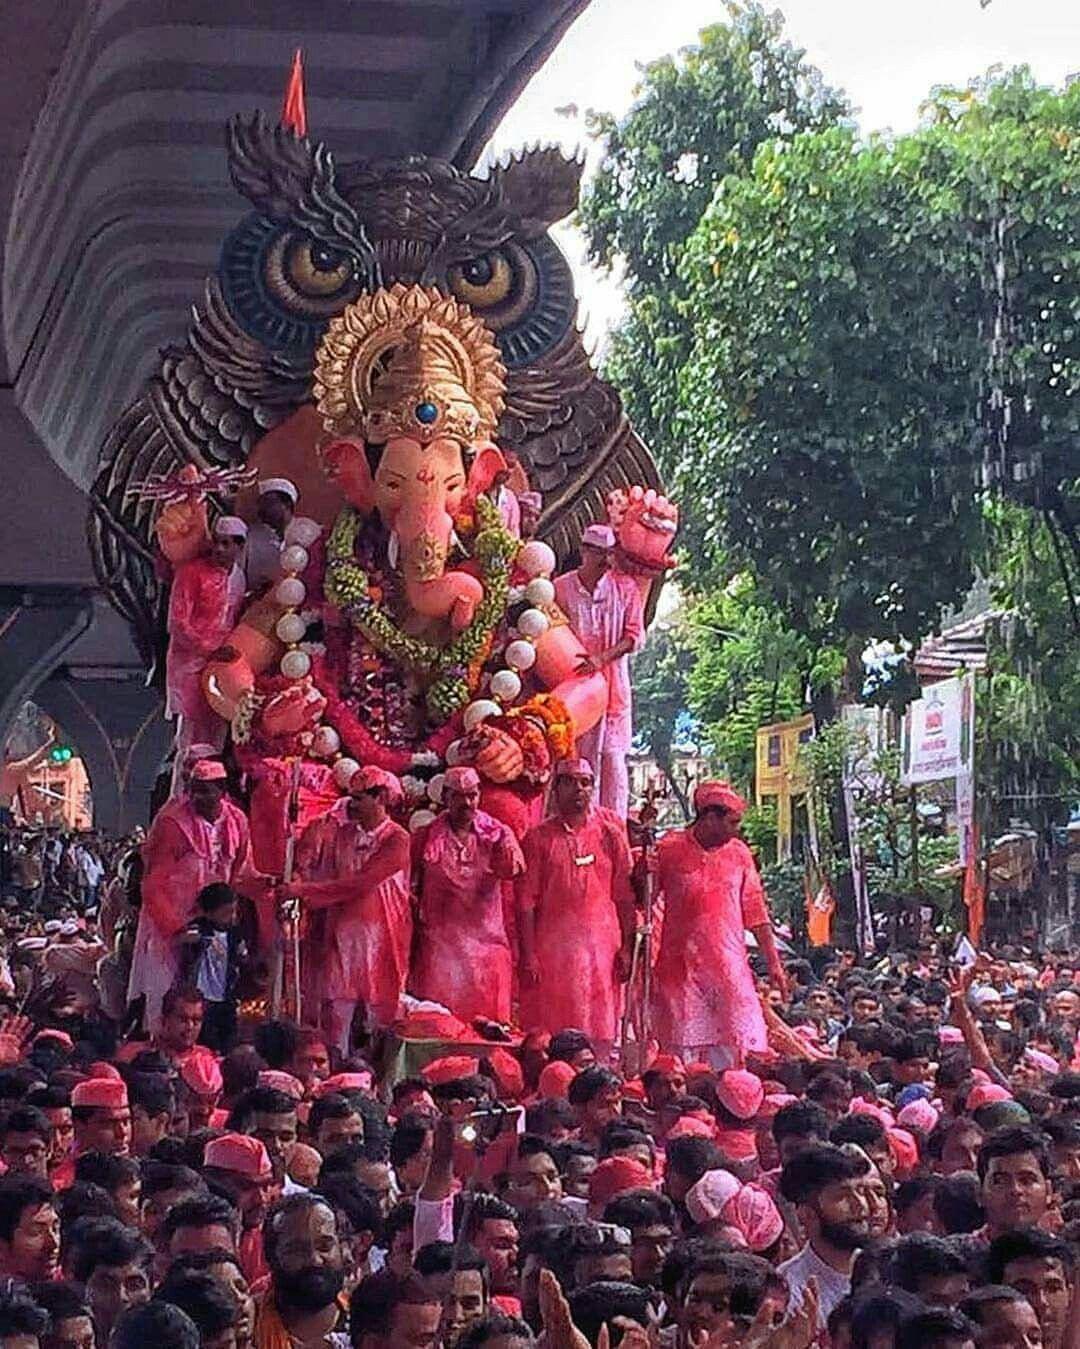 1080x1349 Nitisha trên ganpati bappa moreya.  Ganesh hình nền, nghệ thuật Ganesh, lễ hội Ấn Độ